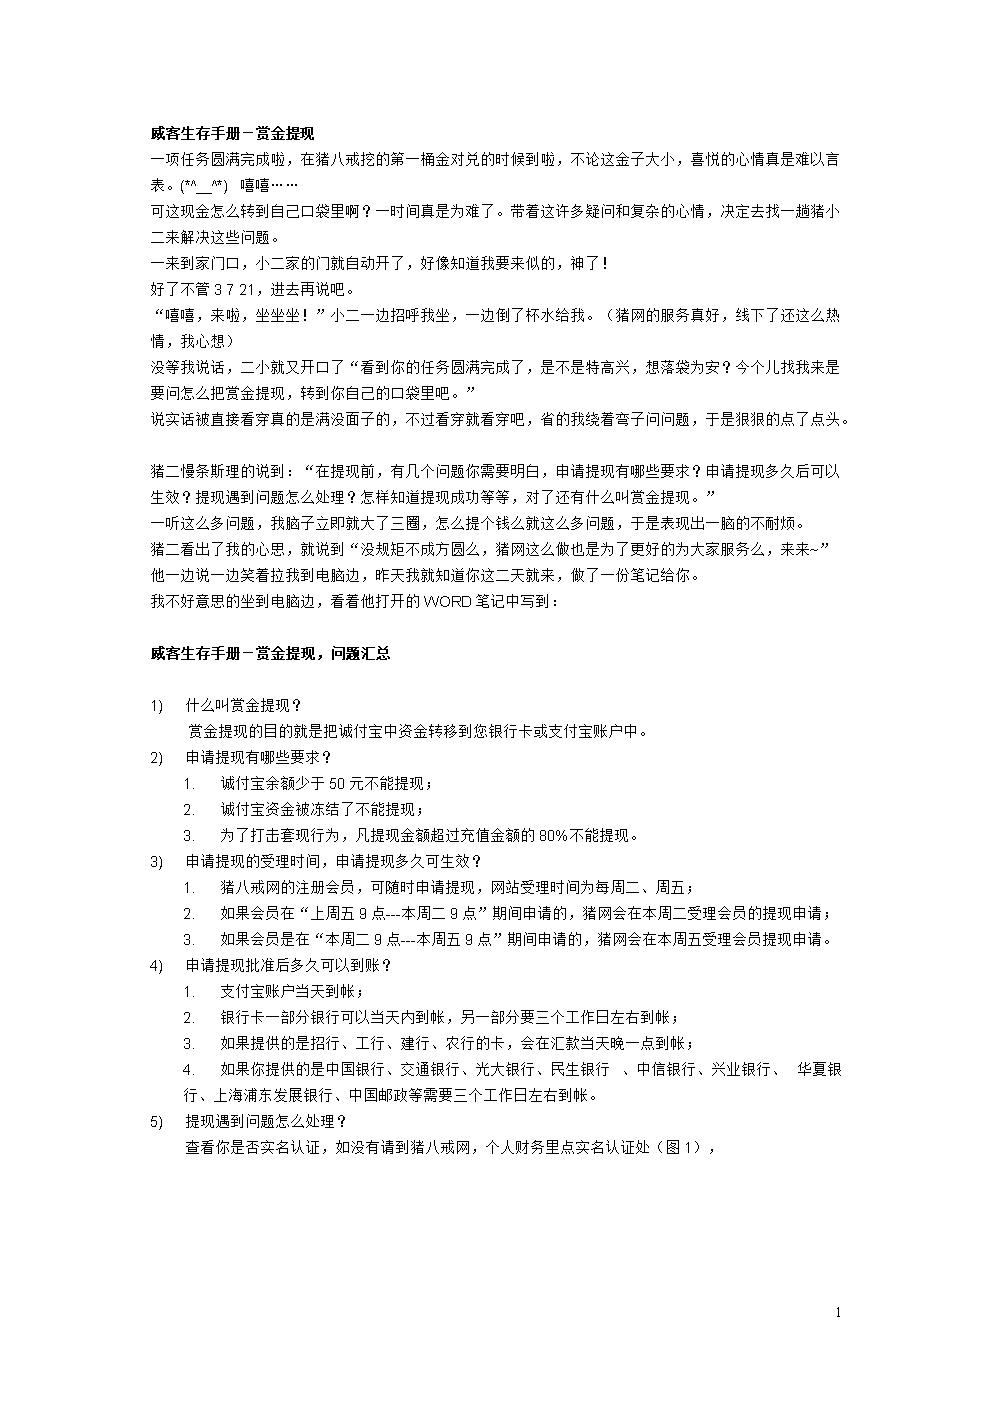 毕业论文指导之开题报告 课题的开题报告样本.doc